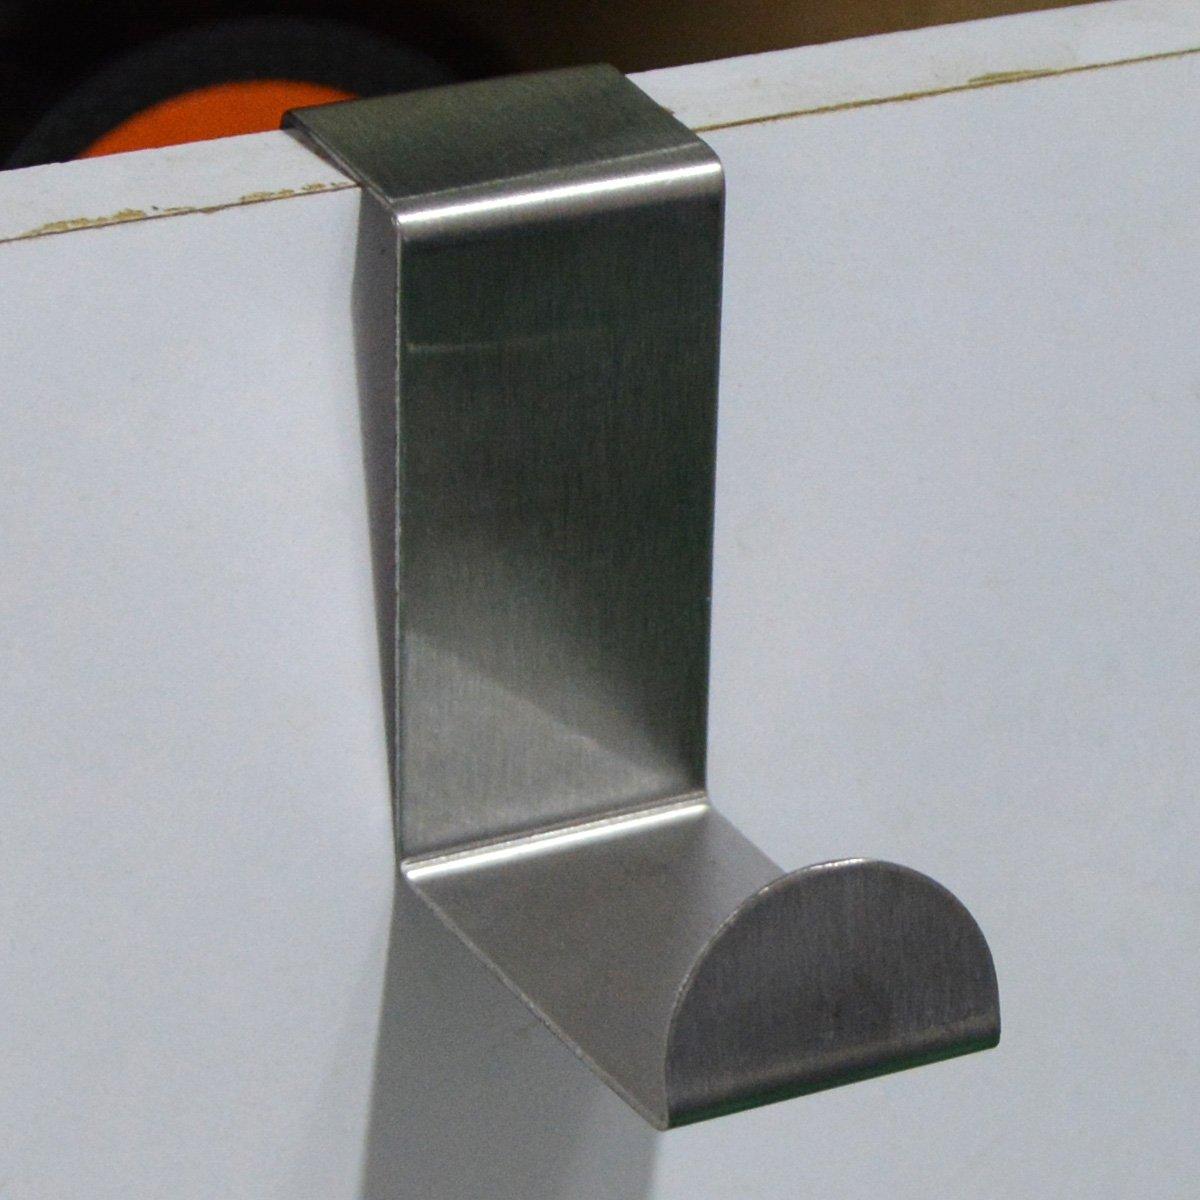 Saim Metal Door Hook Heavy Duty Z Hooks Stainless Steel Front Door Hooks for Shower Door Bedroom Laundry Room Kitchen and Office Laundry Pack of 12